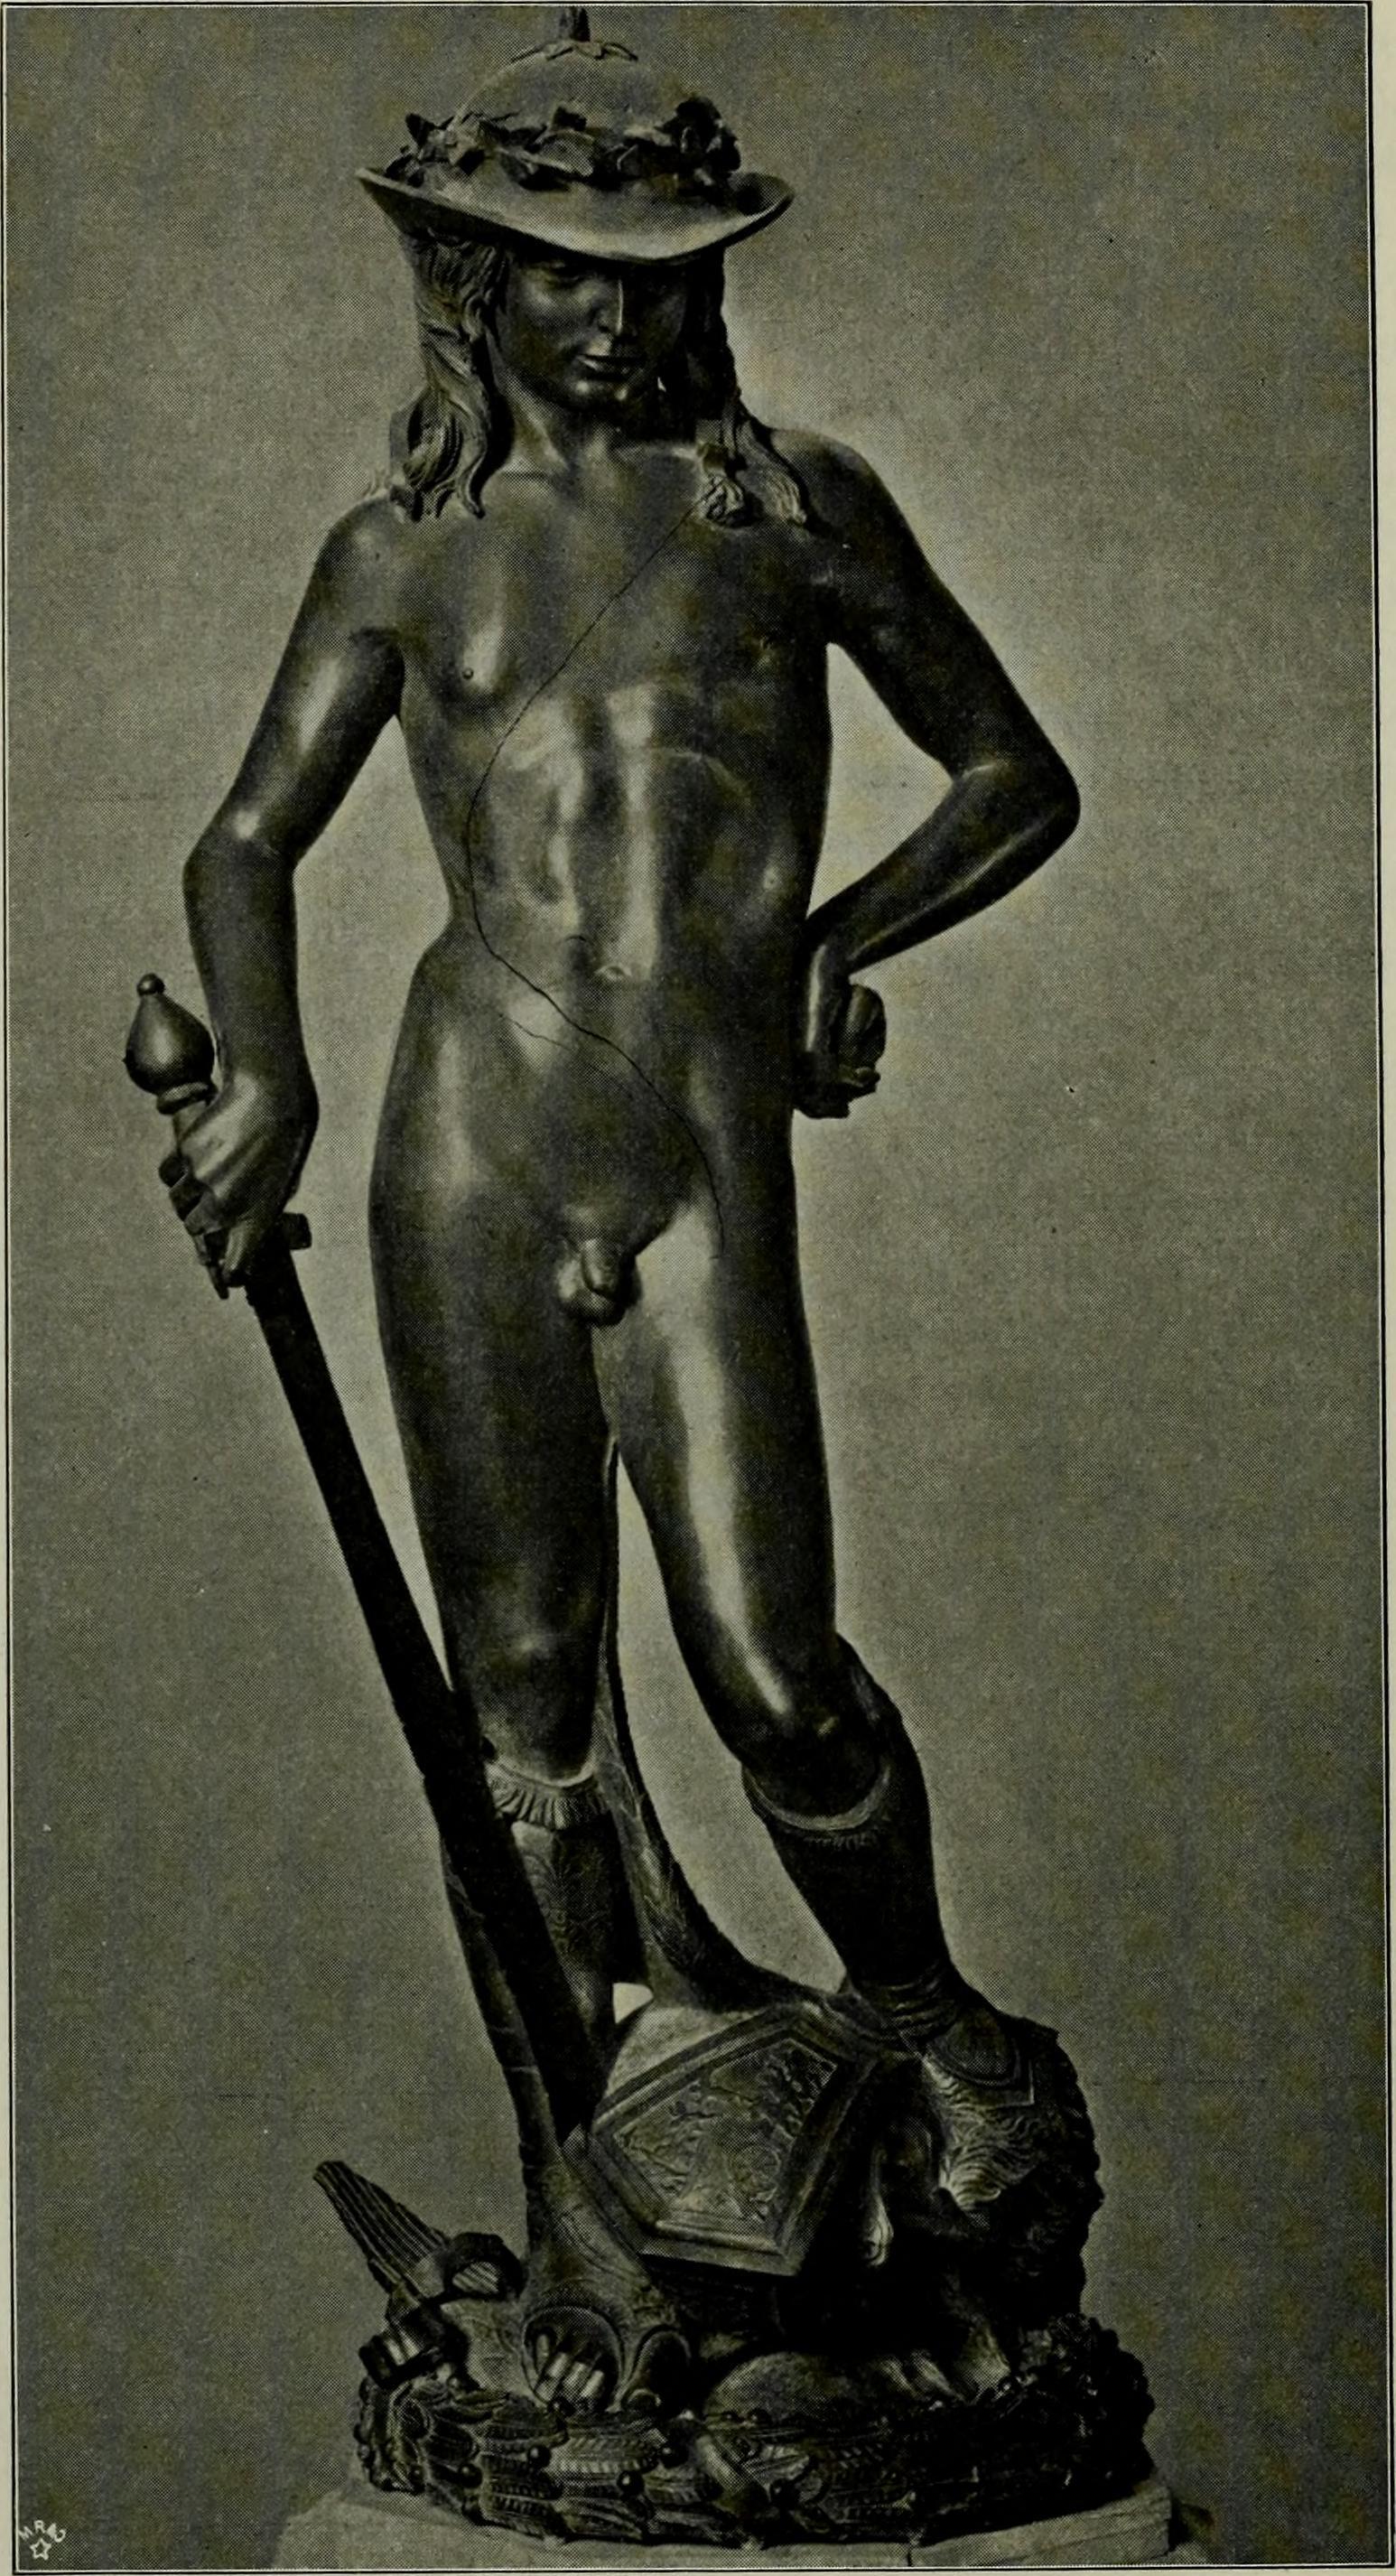 Давида Донателло (1430-1440) — однієї з найбільш еротичних скульптур в історії мистецтва. Ця тендітна фігура молодого чоловіка в елегантних черевиках та дивною шляпою тримає меч в запаморочливій та величній позі.